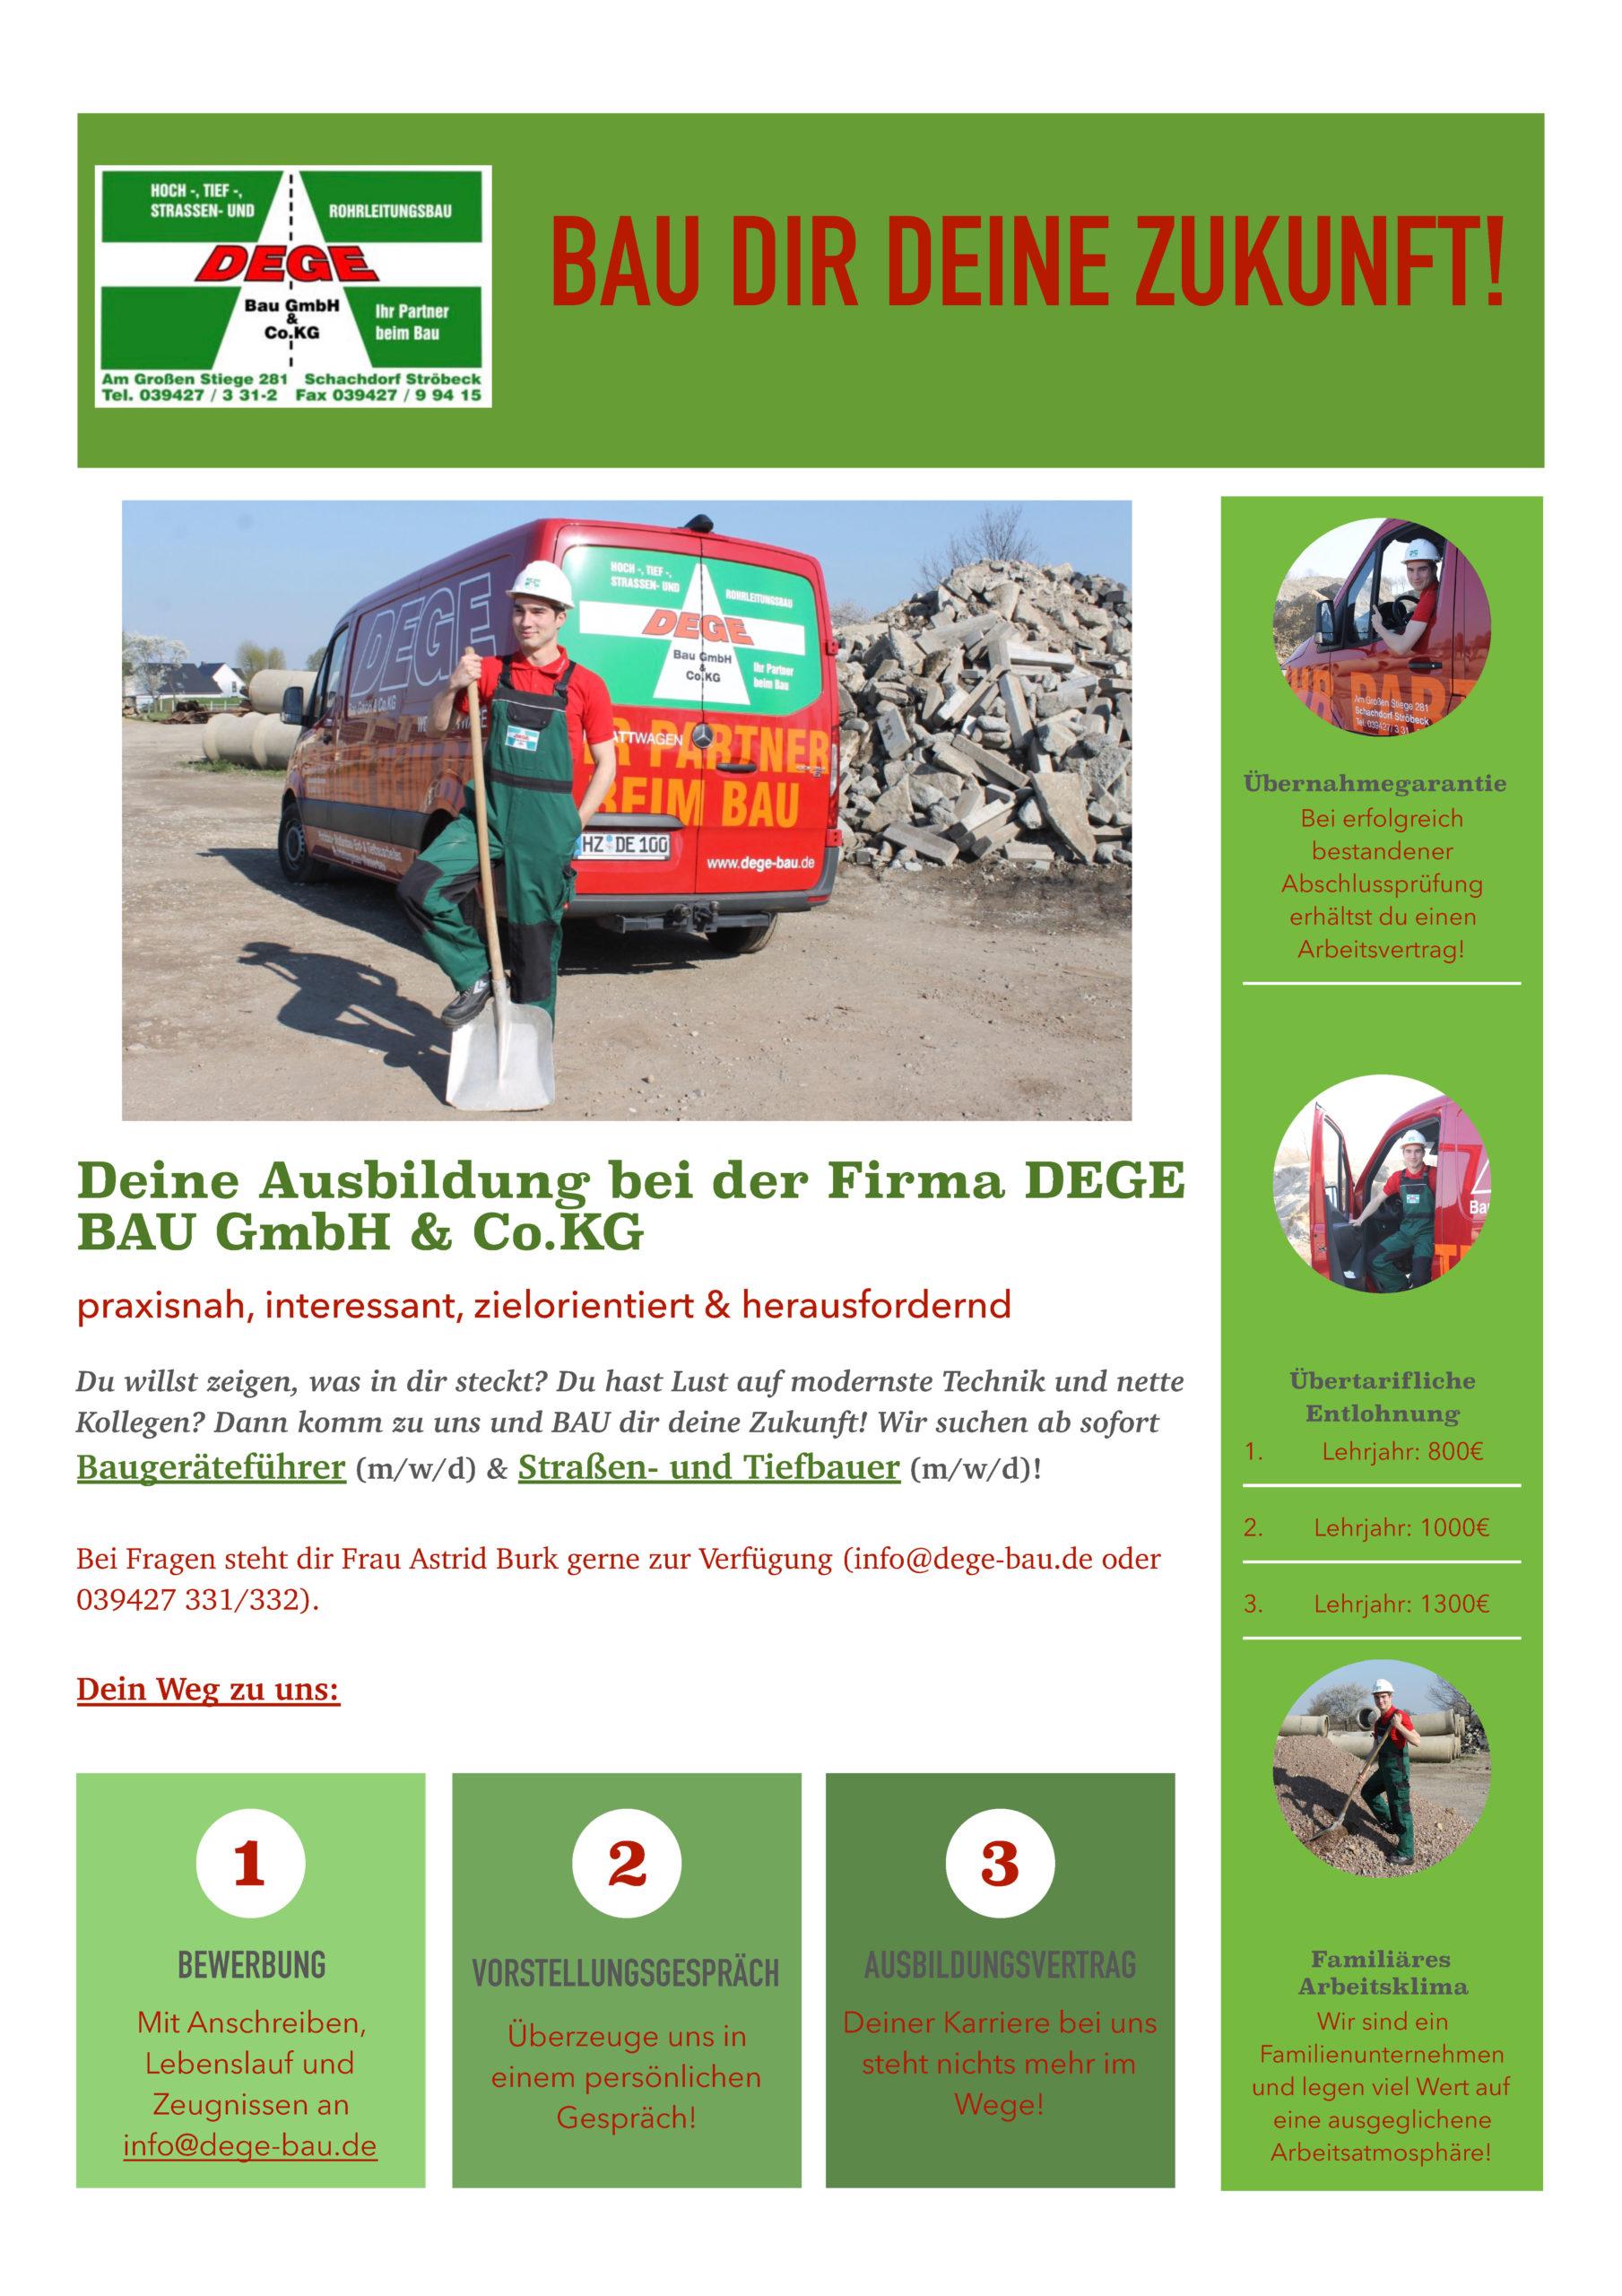 Dege_Flyer_Ausbildung 1